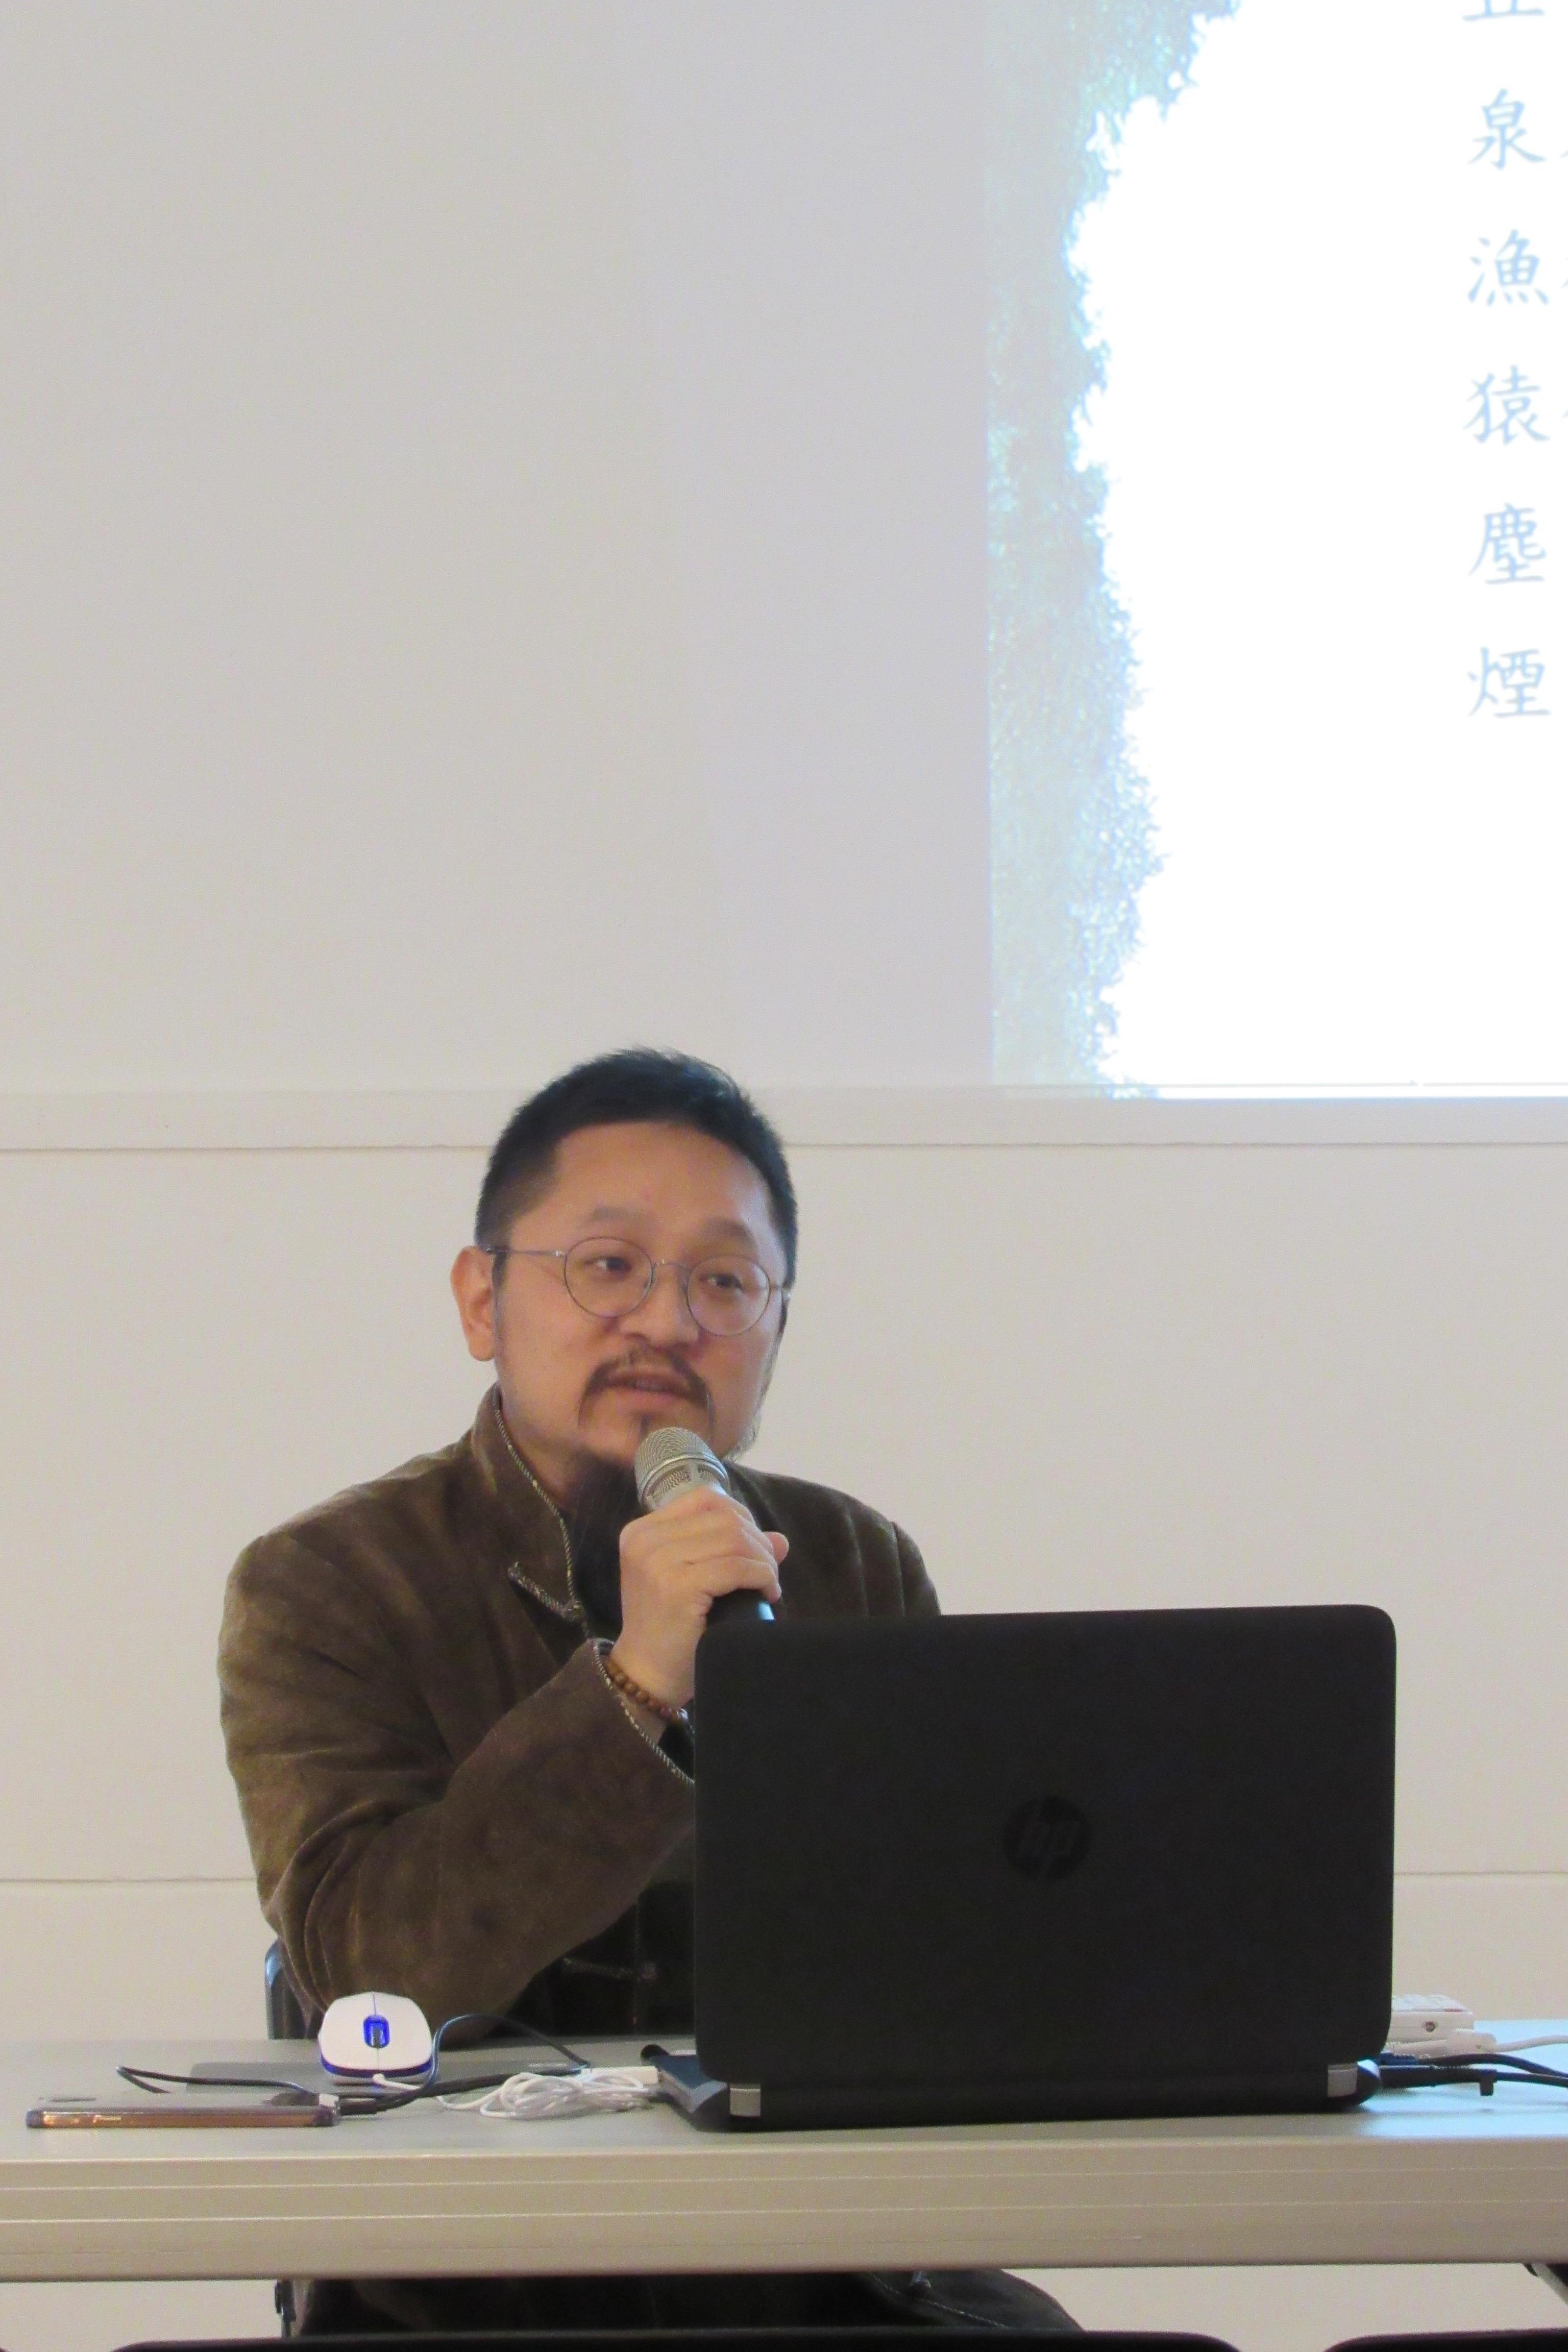 李思賢教授「臺灣美術中水墨風景畫的現代轉換」